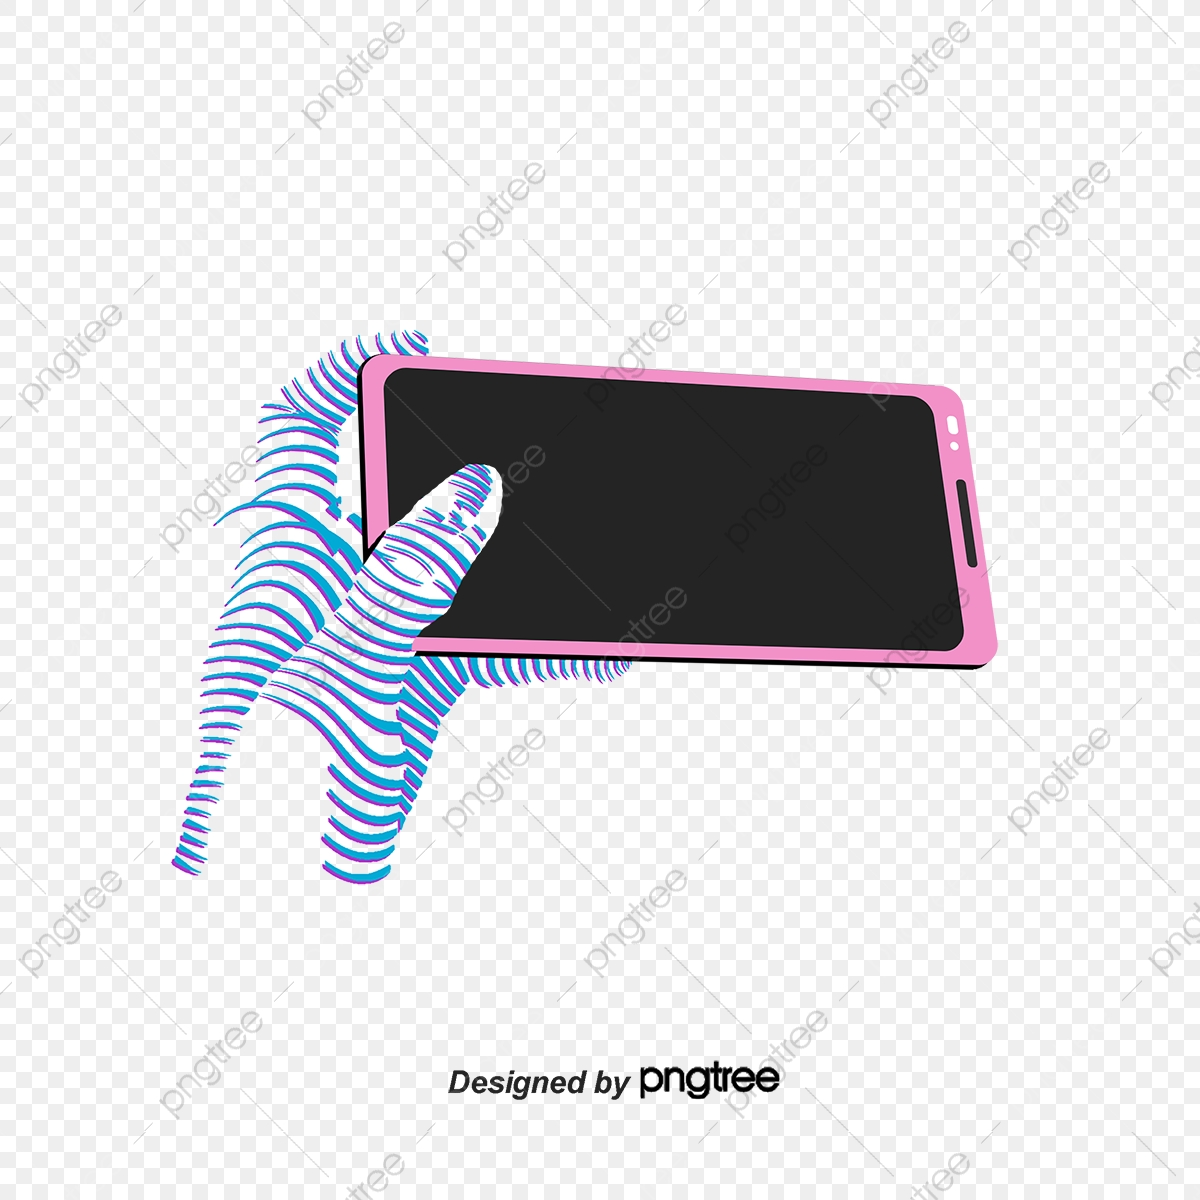 Telephone Portable Et Portable Clipart De Telephone Portable Main Telephone Fichier Png Et Psd Pour Le Telechargement Libre